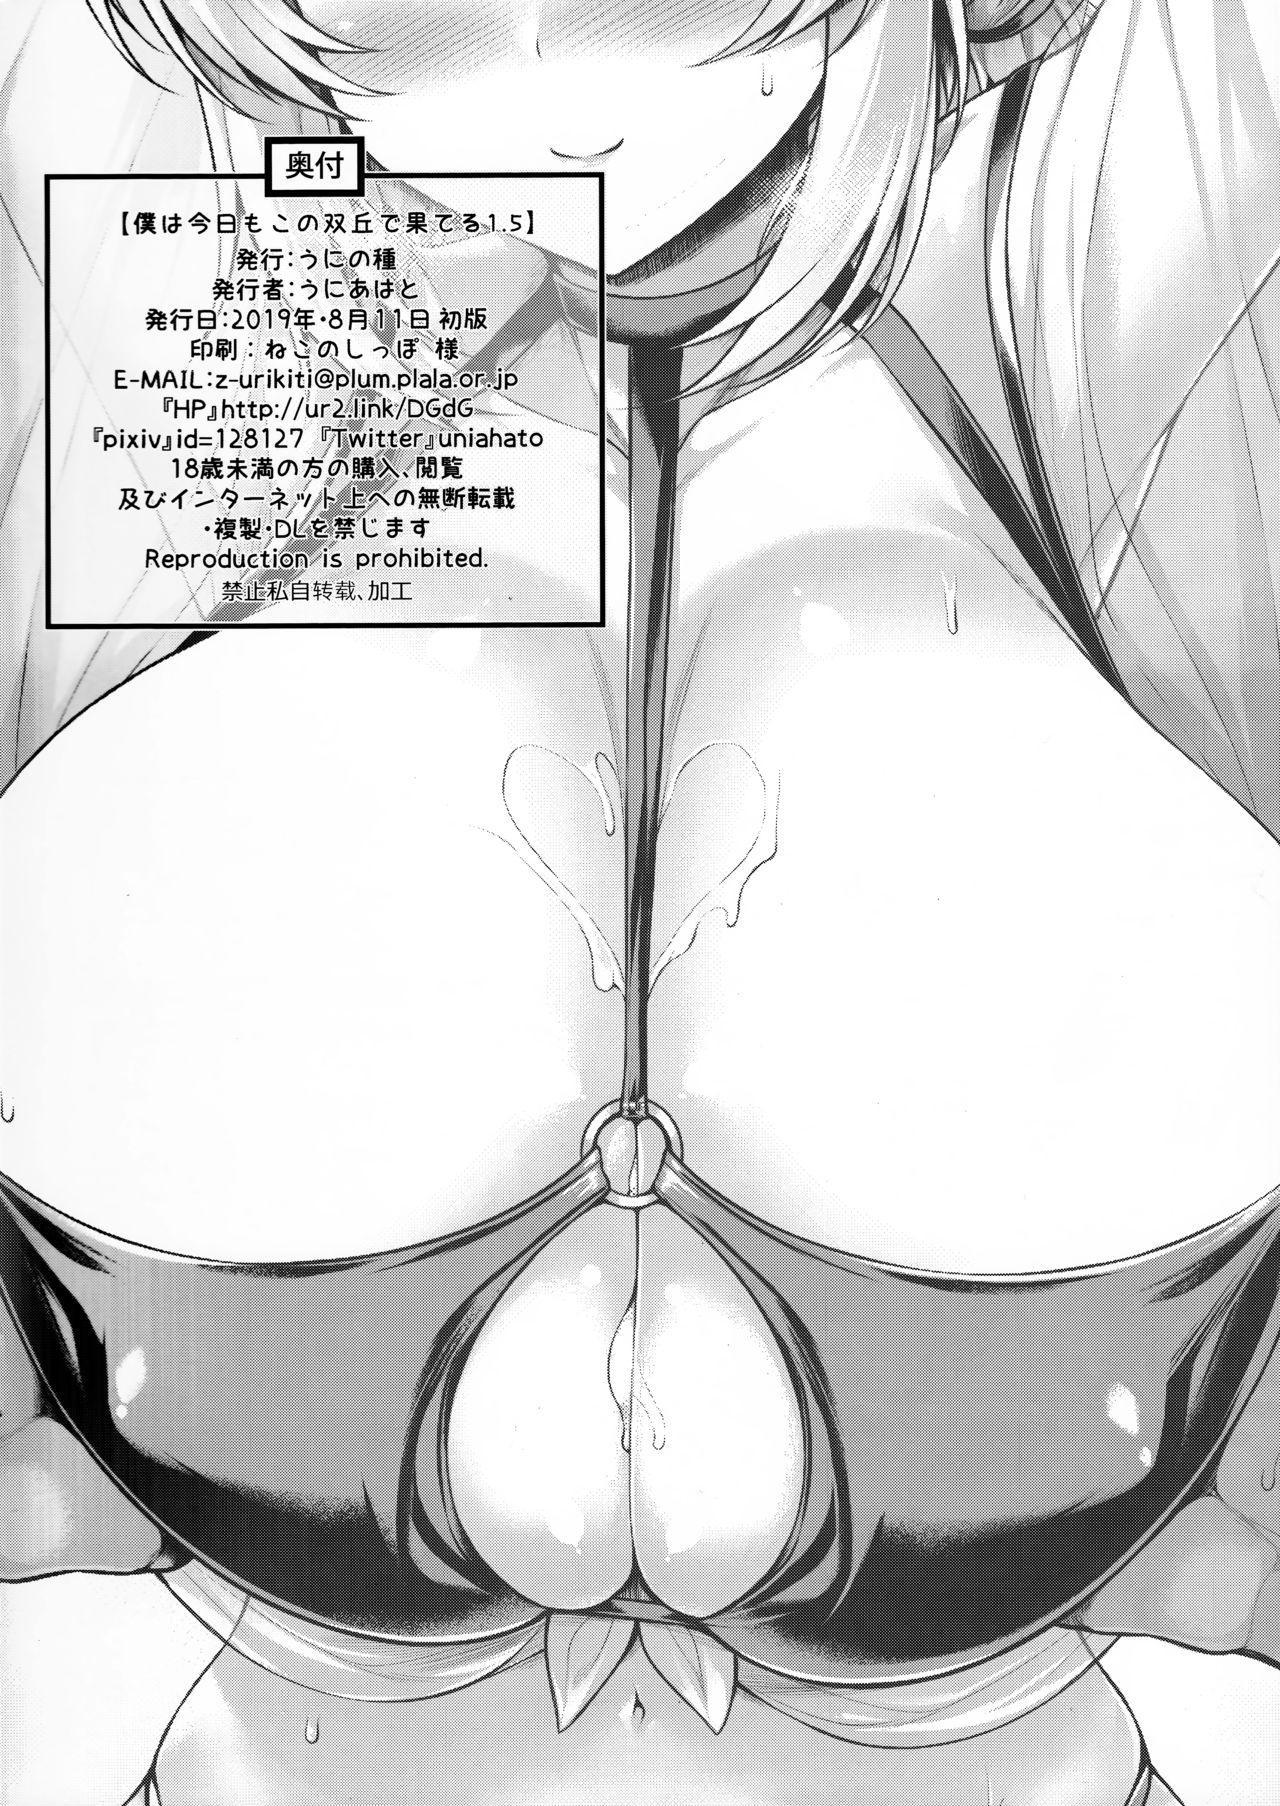 Boku wa Kyou mo Kono Soukyuu de Hateru 1.5 15